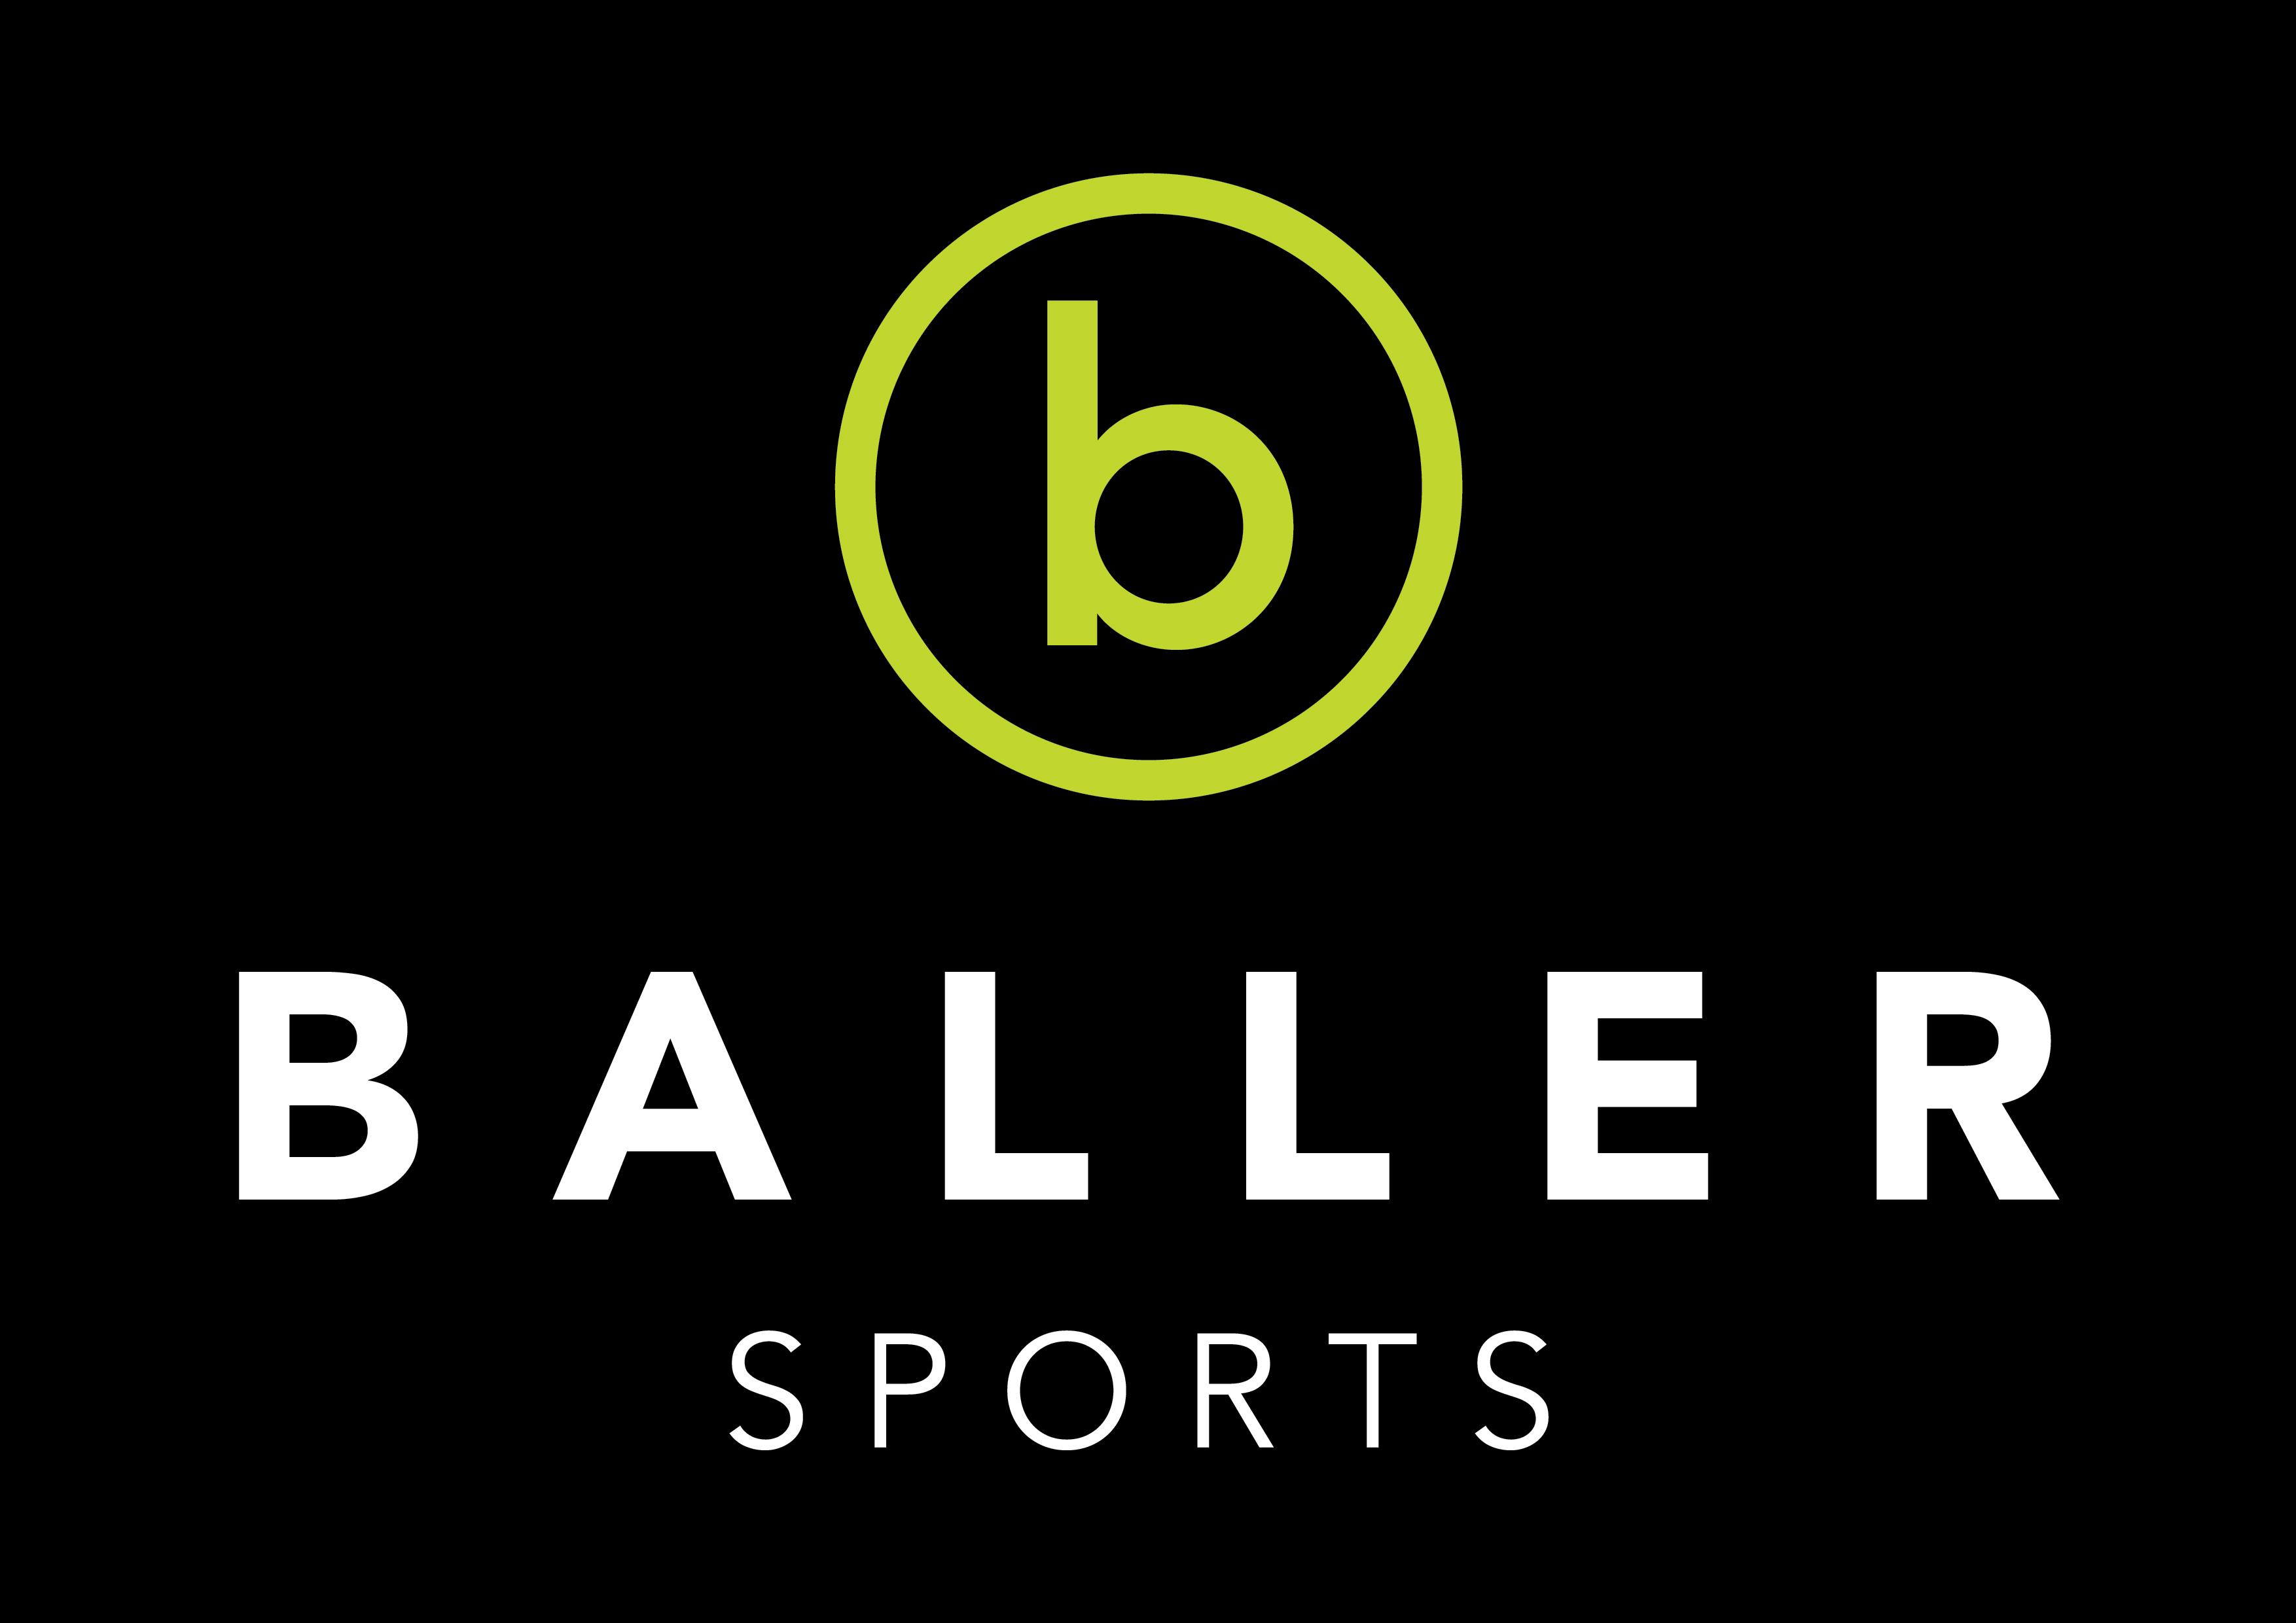 BALLER_Sports_Colour_Iogo